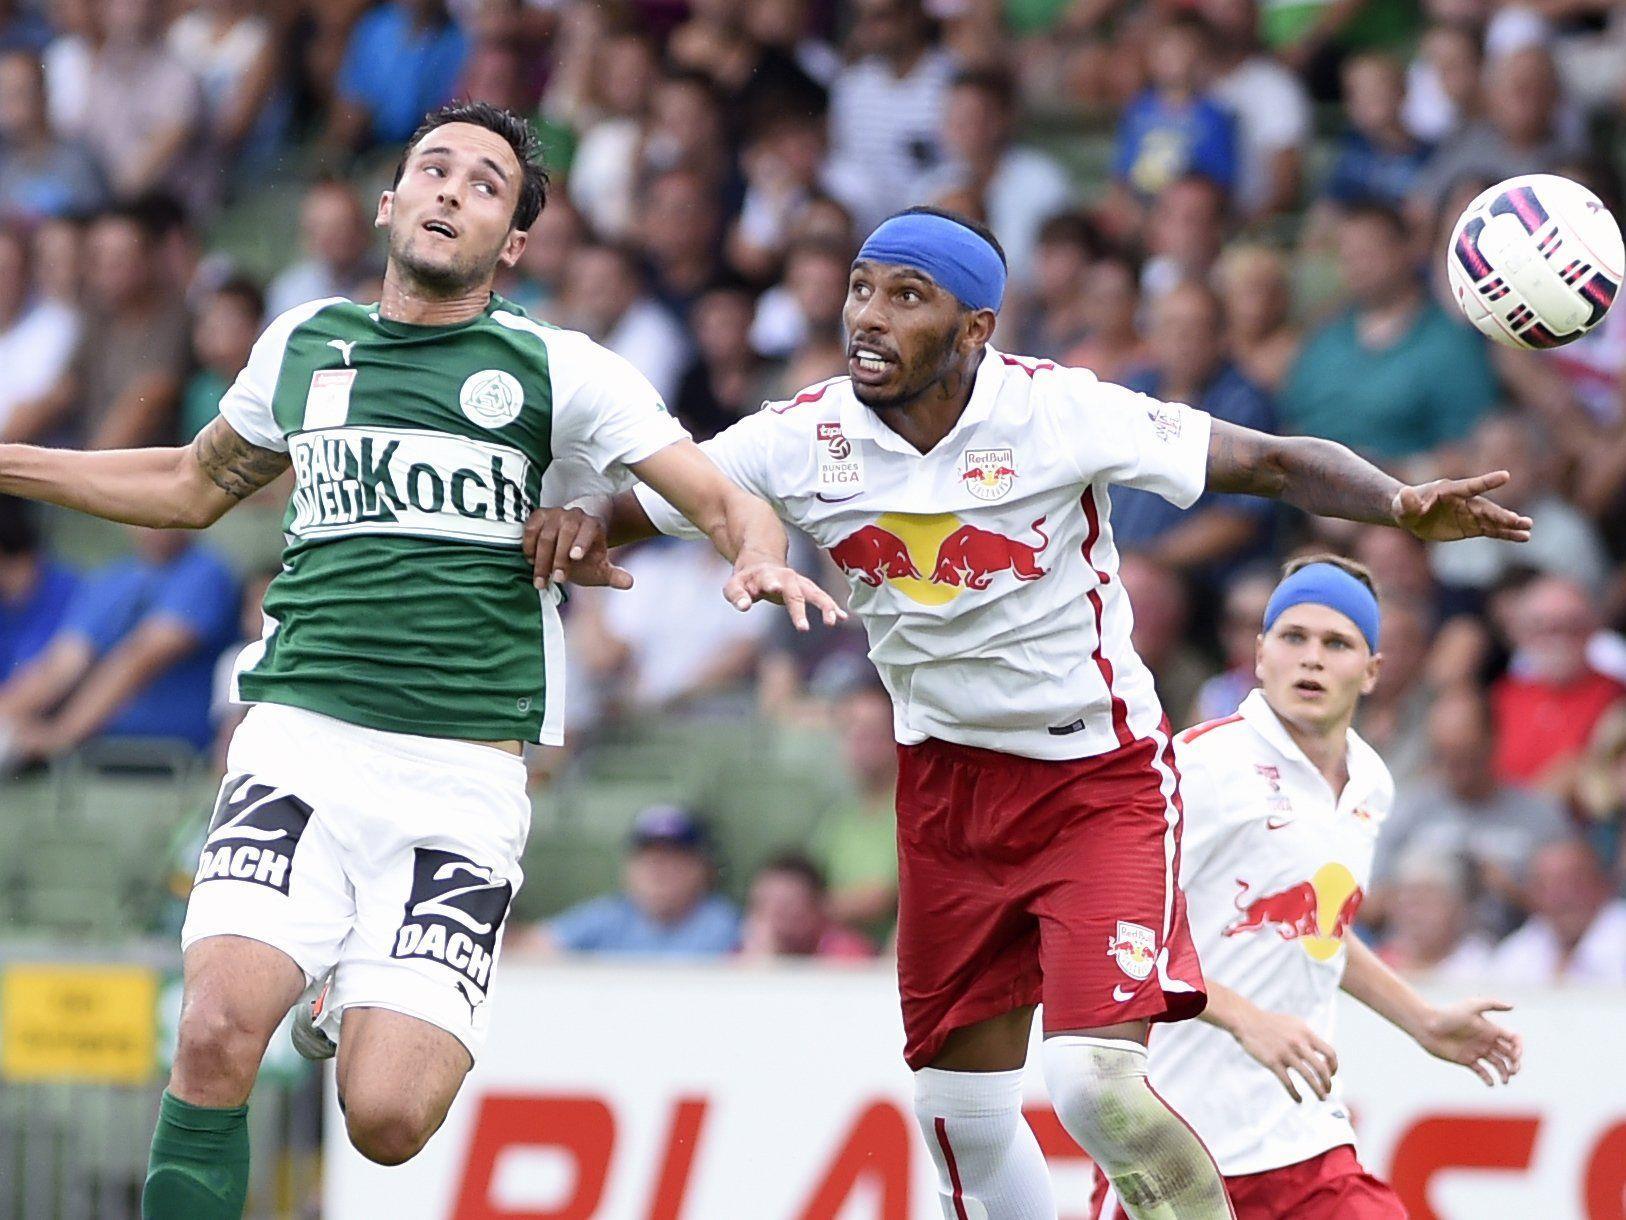 LIVE-Ticker zum Spiel SV Mattersburg gegen Red Bull Salzburg ab 16.00 Uhr.